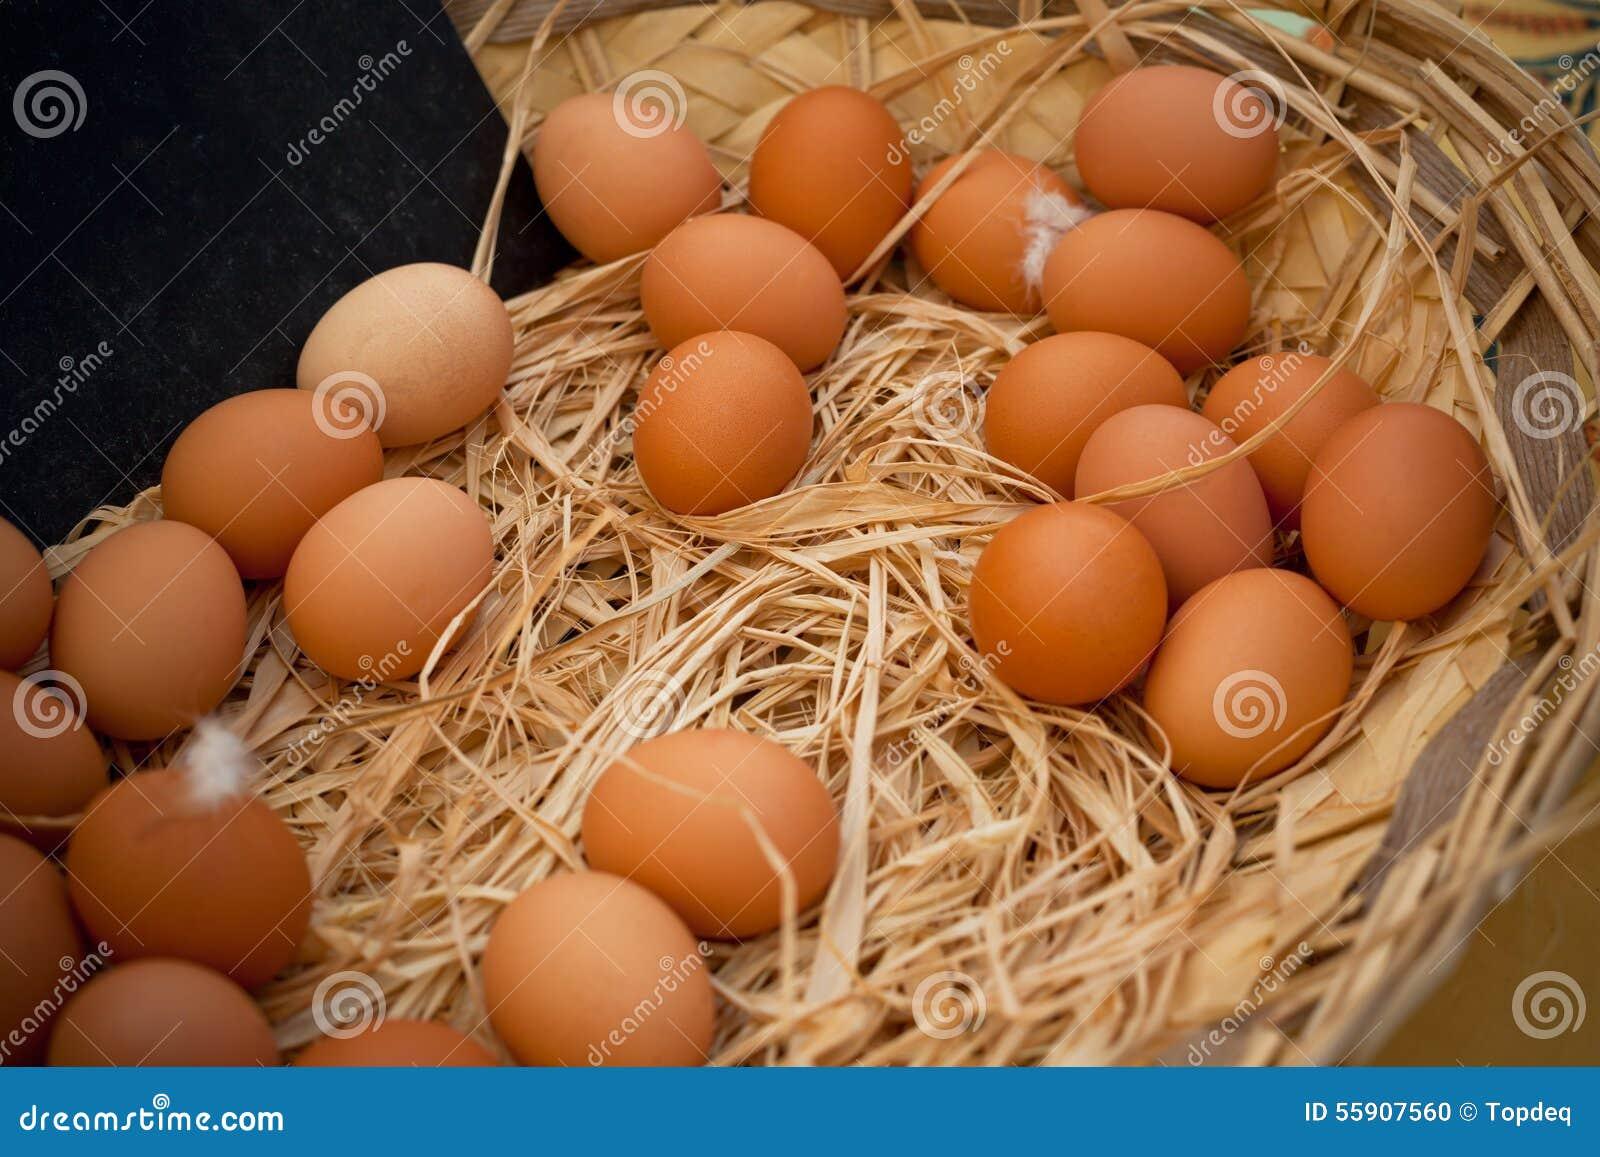 有机鸡蛋篮子在一个农村农夫市场上